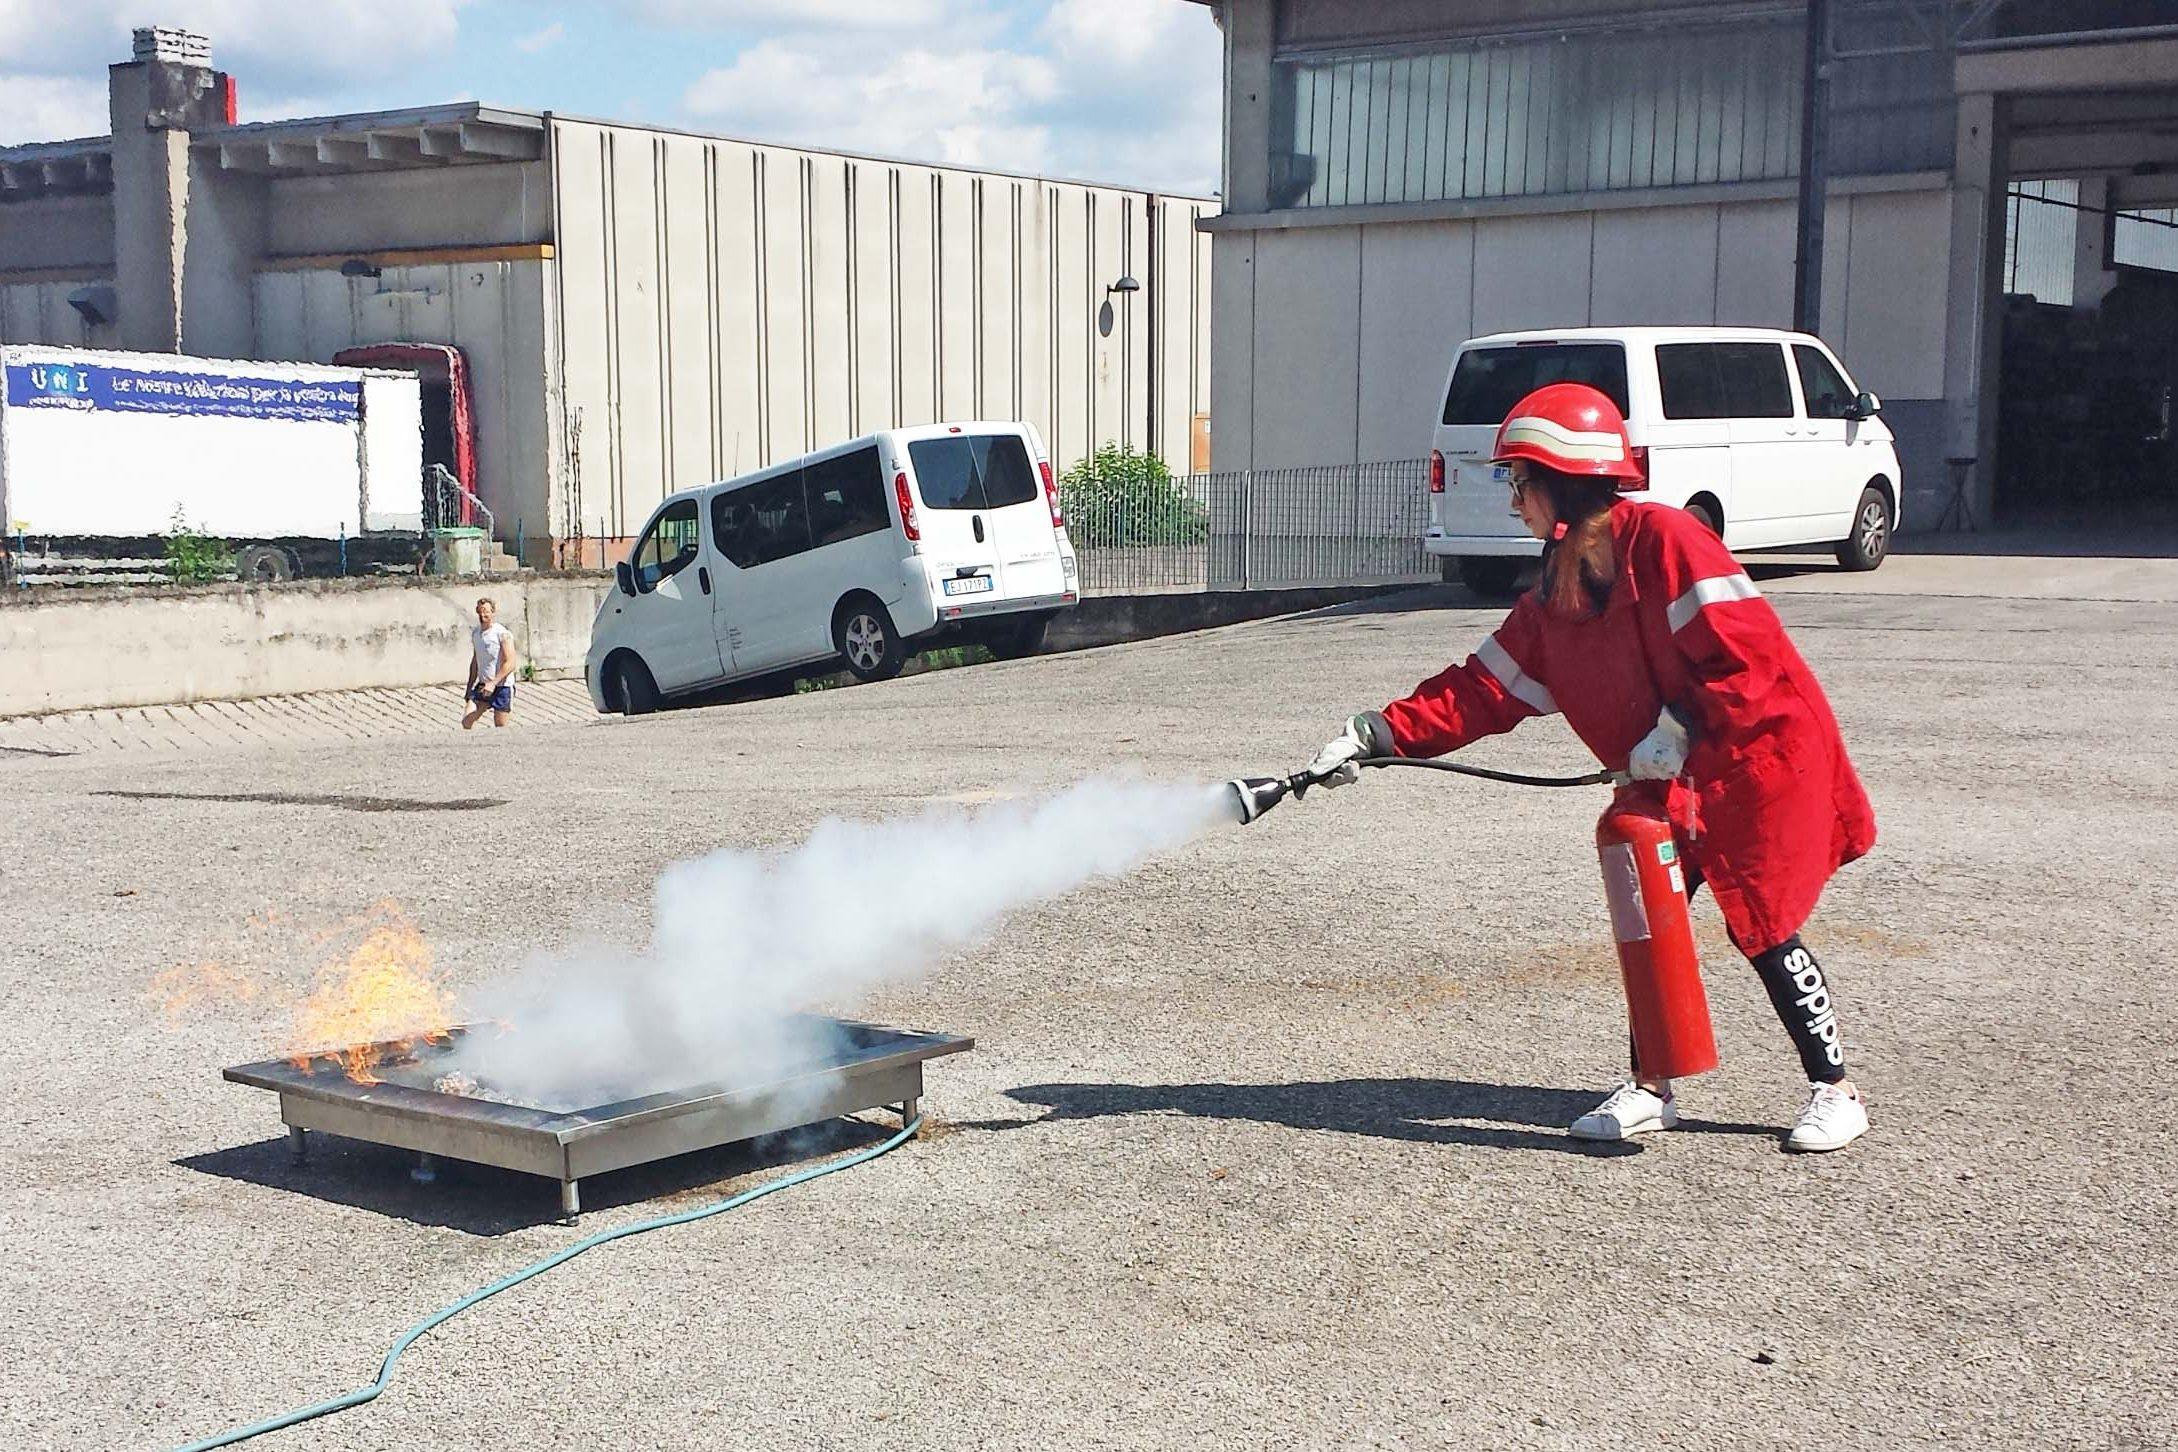 una partecipante al corso antincendio